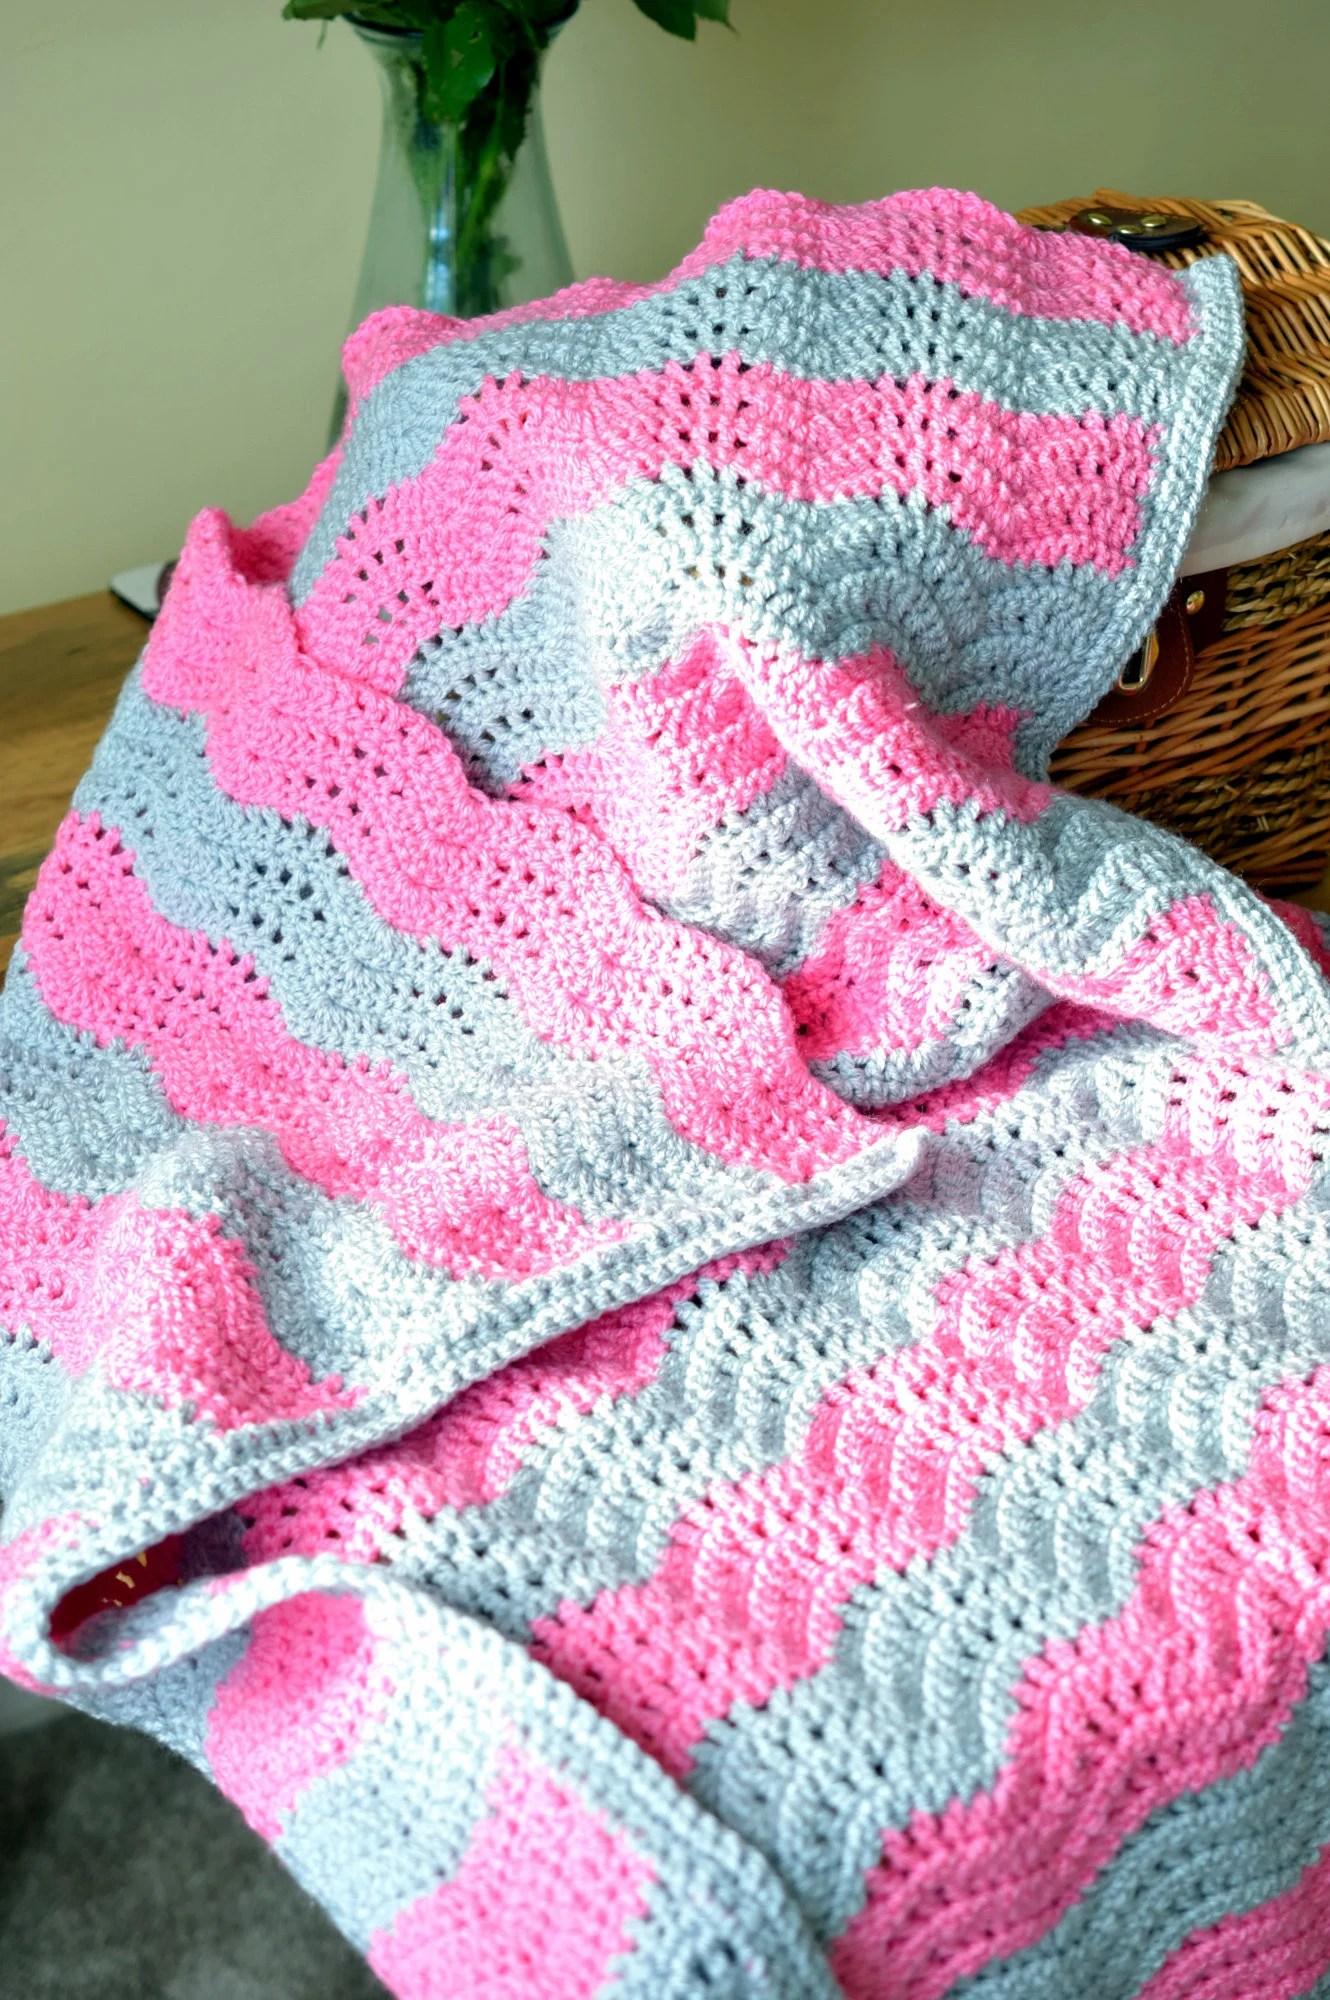 Crochet Blanket, Home Dec...